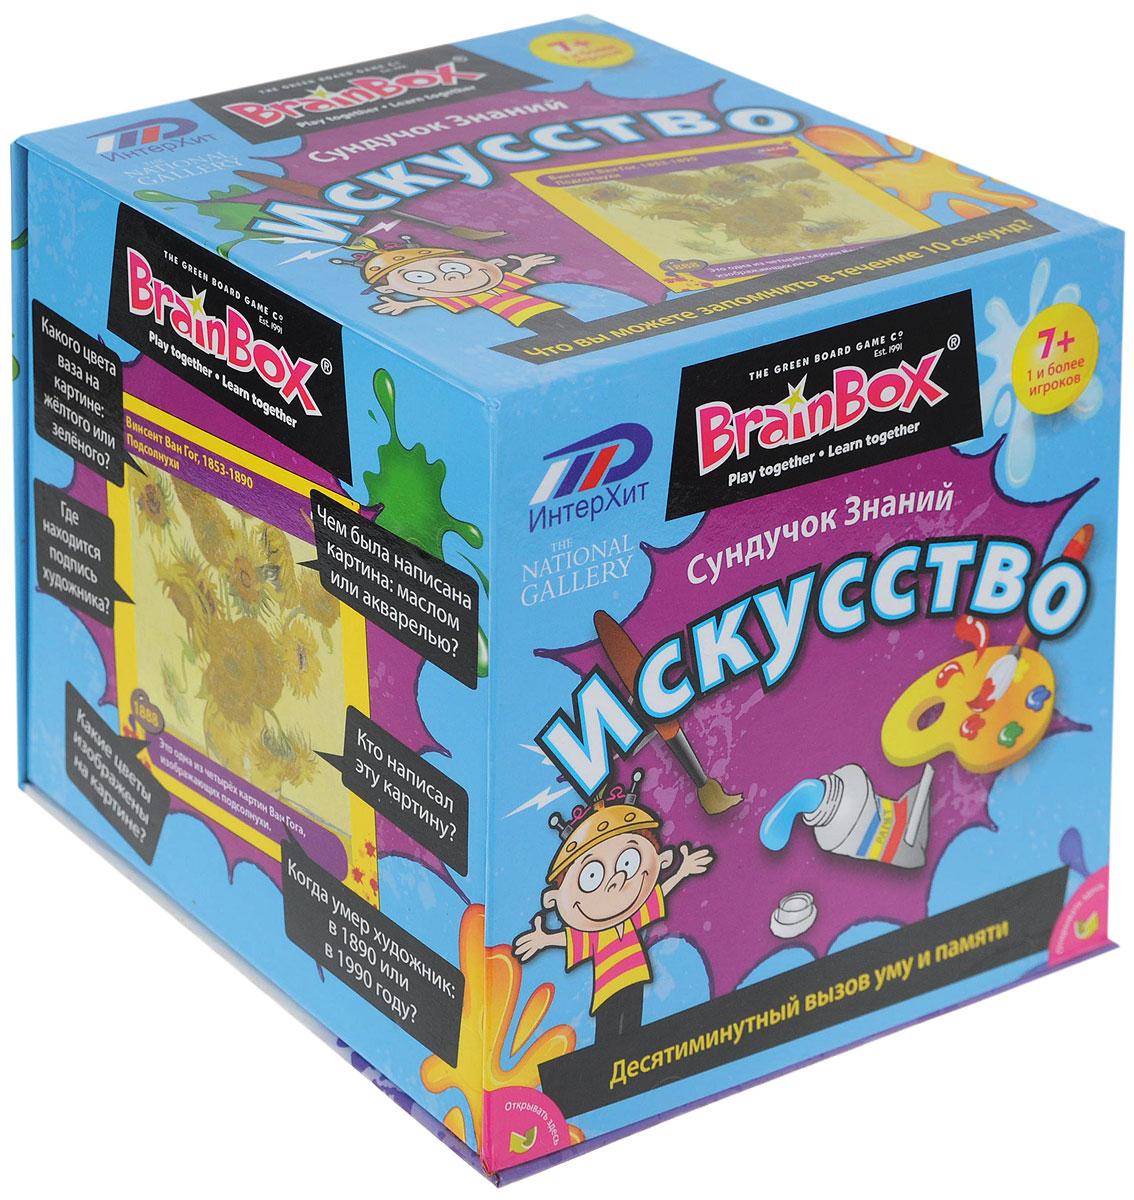 BrainBox Настольная игра Сундучок знаний Искусство90714Настольная игра BrainBox Сундучок Знаний. Искусство - это замечательная игра, разработанная совместно с Лондонской Национальной галереей, не оставит равнодушными любителей искусства всех возрастов. В увлекательном игровом процессе вы ознакомитесь с шедеврами мировой живописи, узнаете интересные факты о картинах и из жизни любимых художников. Игра способствует развитию зрительной памяти и концентрации внимания. Цель игры: набрать наибольшее количество карточек в течение 10 минут. Как играть: Для одного игрока: Переверните песочные часы и изучите картинку в течение 10 секунд. Переверните карточку и бросьте кости. Ответьте на выпавший вам вопрос. Если вы правильно ответили на вопрос, оставьте карточку себе. Если вы ошиблись, верните карточку в коробку. Посчитайте, сколько карточек у вас набралось через 5 или 10 минут. Помните! Все ответы на вопросы размещены на картинке, поэтому смотрите внимательно! Для двух и более игроков: Если вы младший из игроков, достаньте...